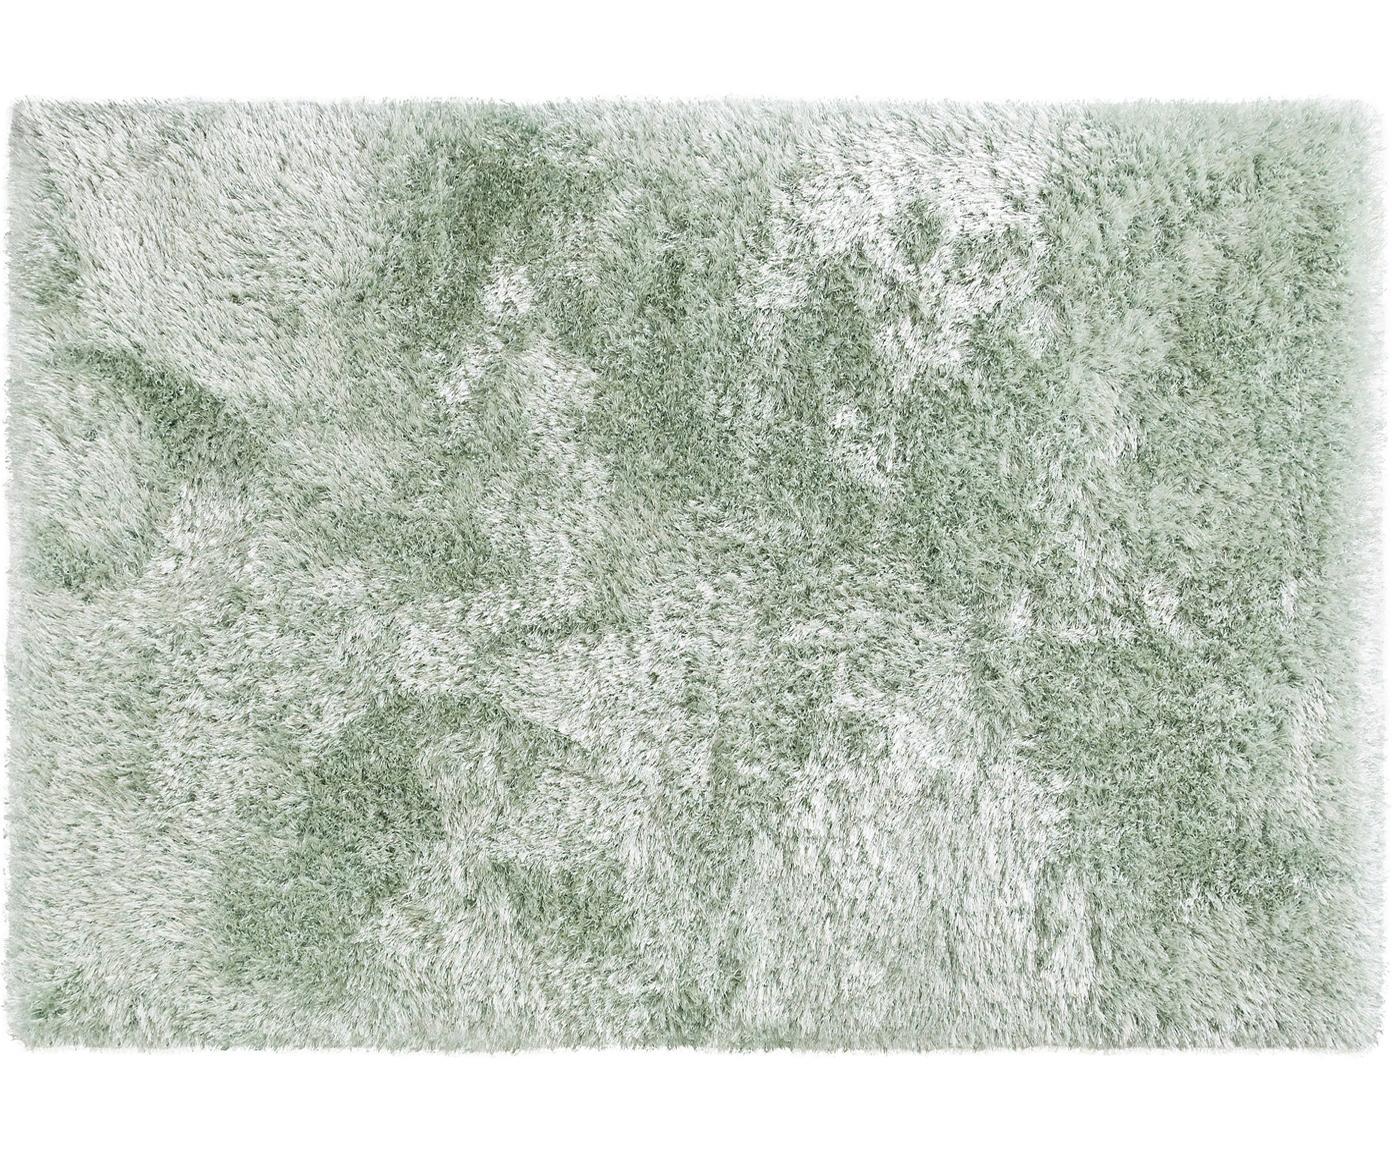 Tappeto a pelo lungo effetto lucido Lea, 50% poliestere, 50% polipropilene, Verde, Larg. 140 x Lung. 200 cm (taglia S)